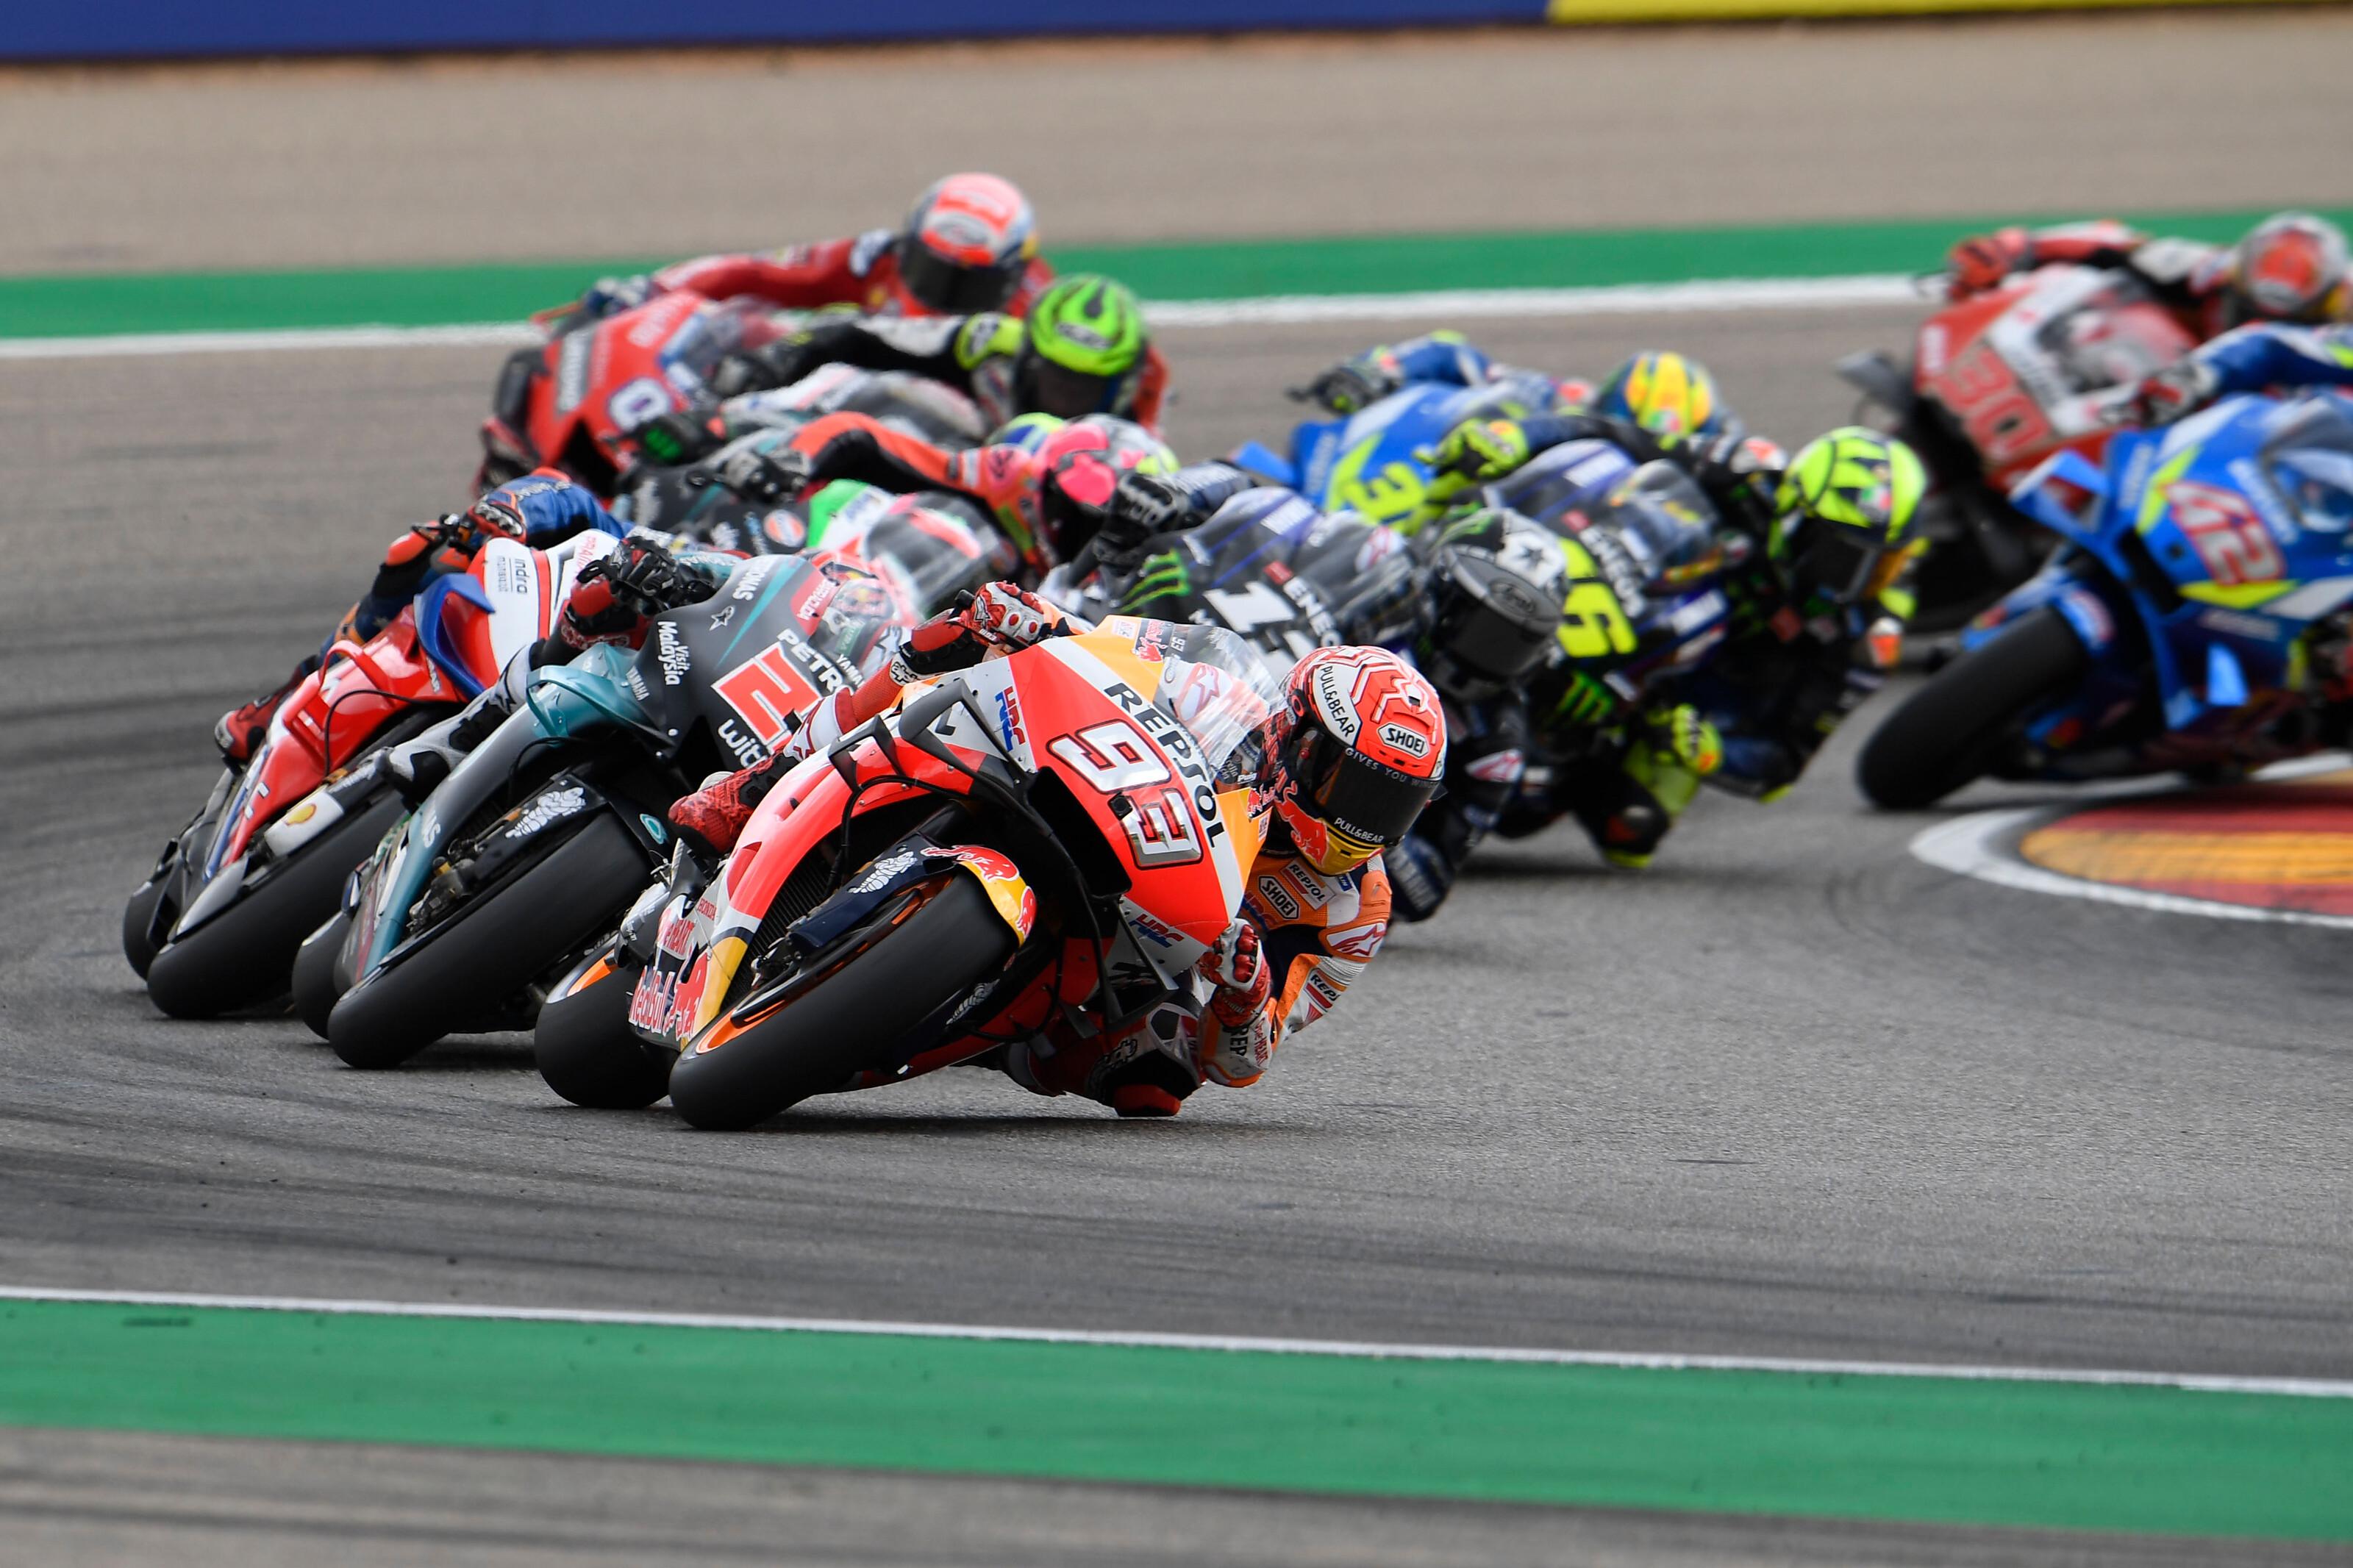 Új sportcsatorna indul Magyarországon – költözik a MotoGP, visszatér az IndyCar